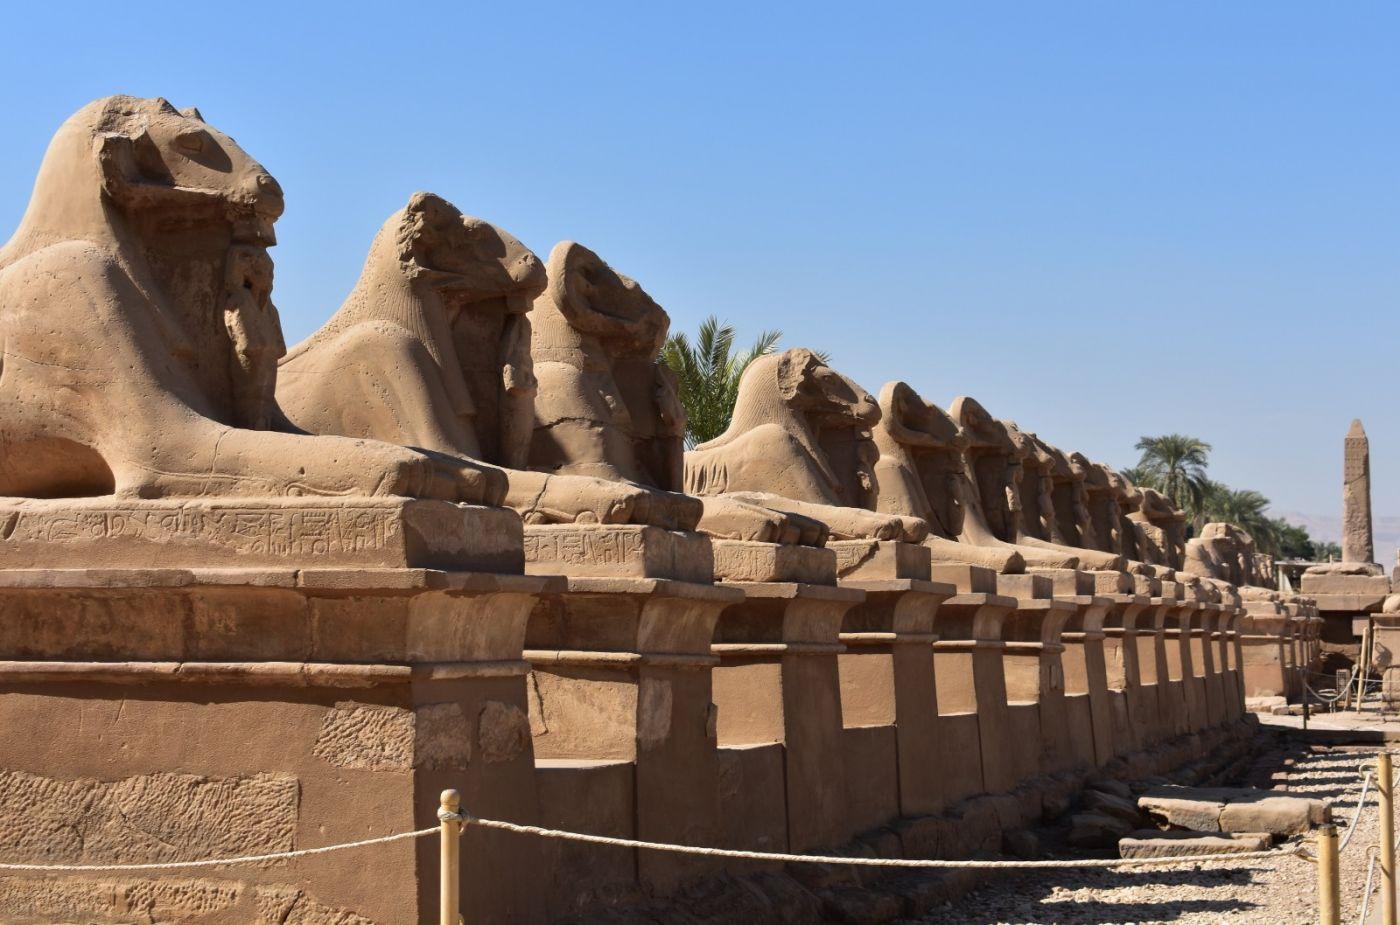 埃及卡纳克神庙群_图1-1